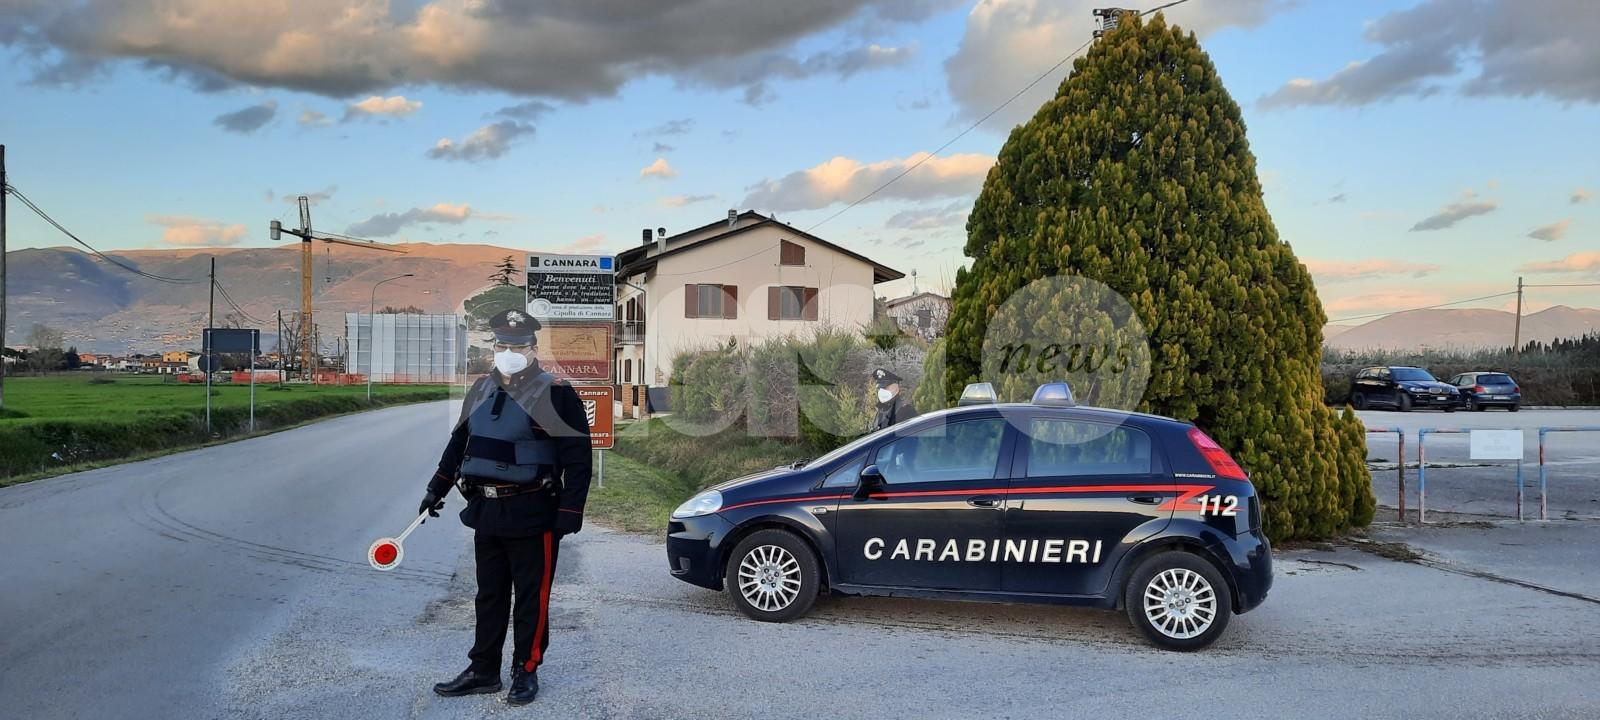 Incidente stradale da ubriaco e furto, doppia operazione dei carabinieri